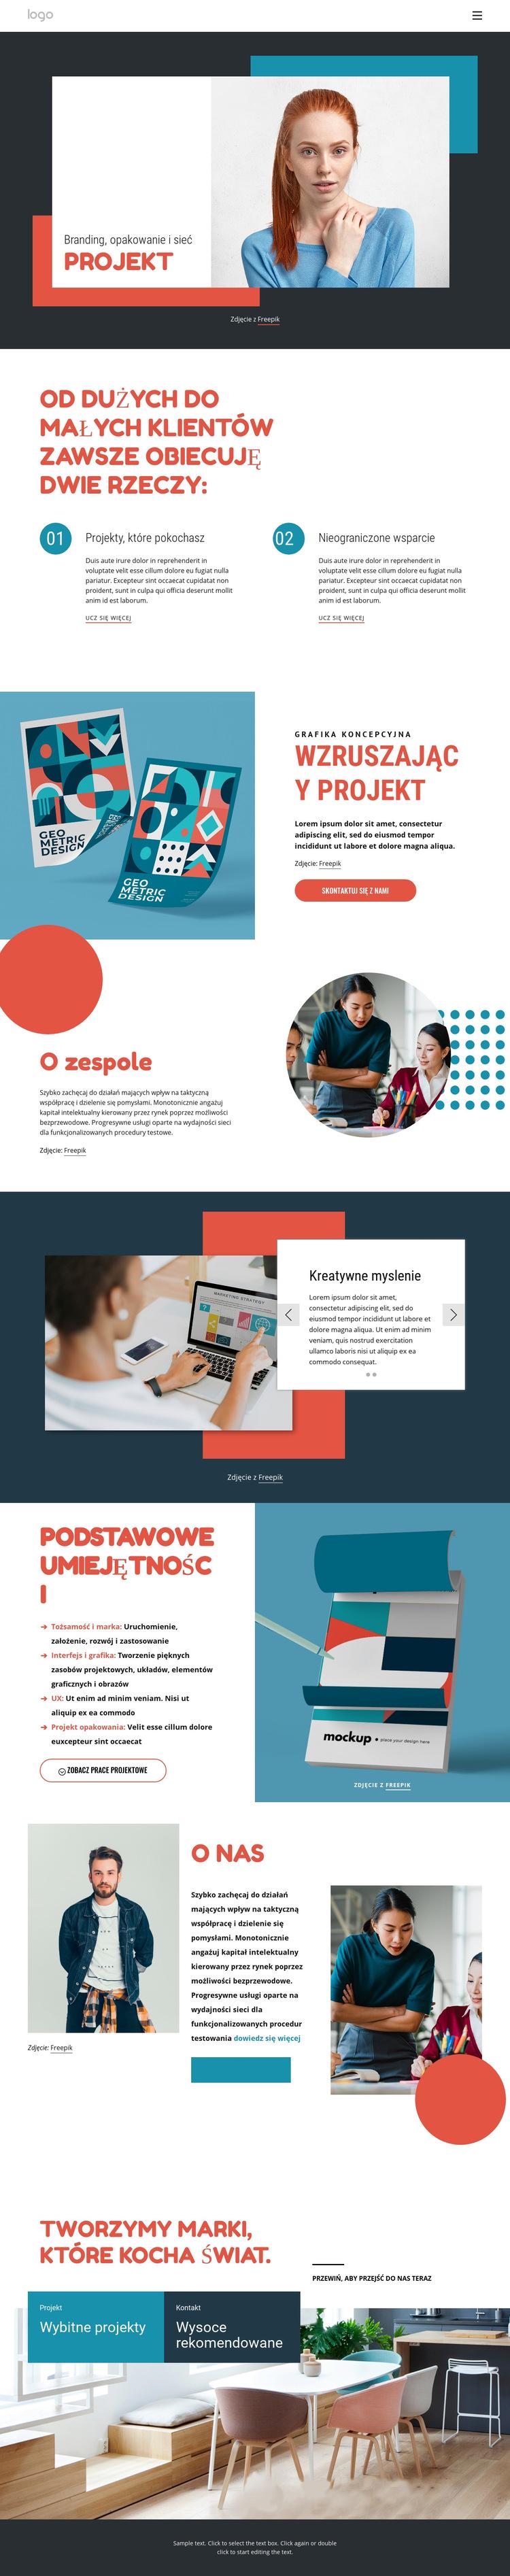 Branding i studio cyfrowe Szablon witryny sieci Web